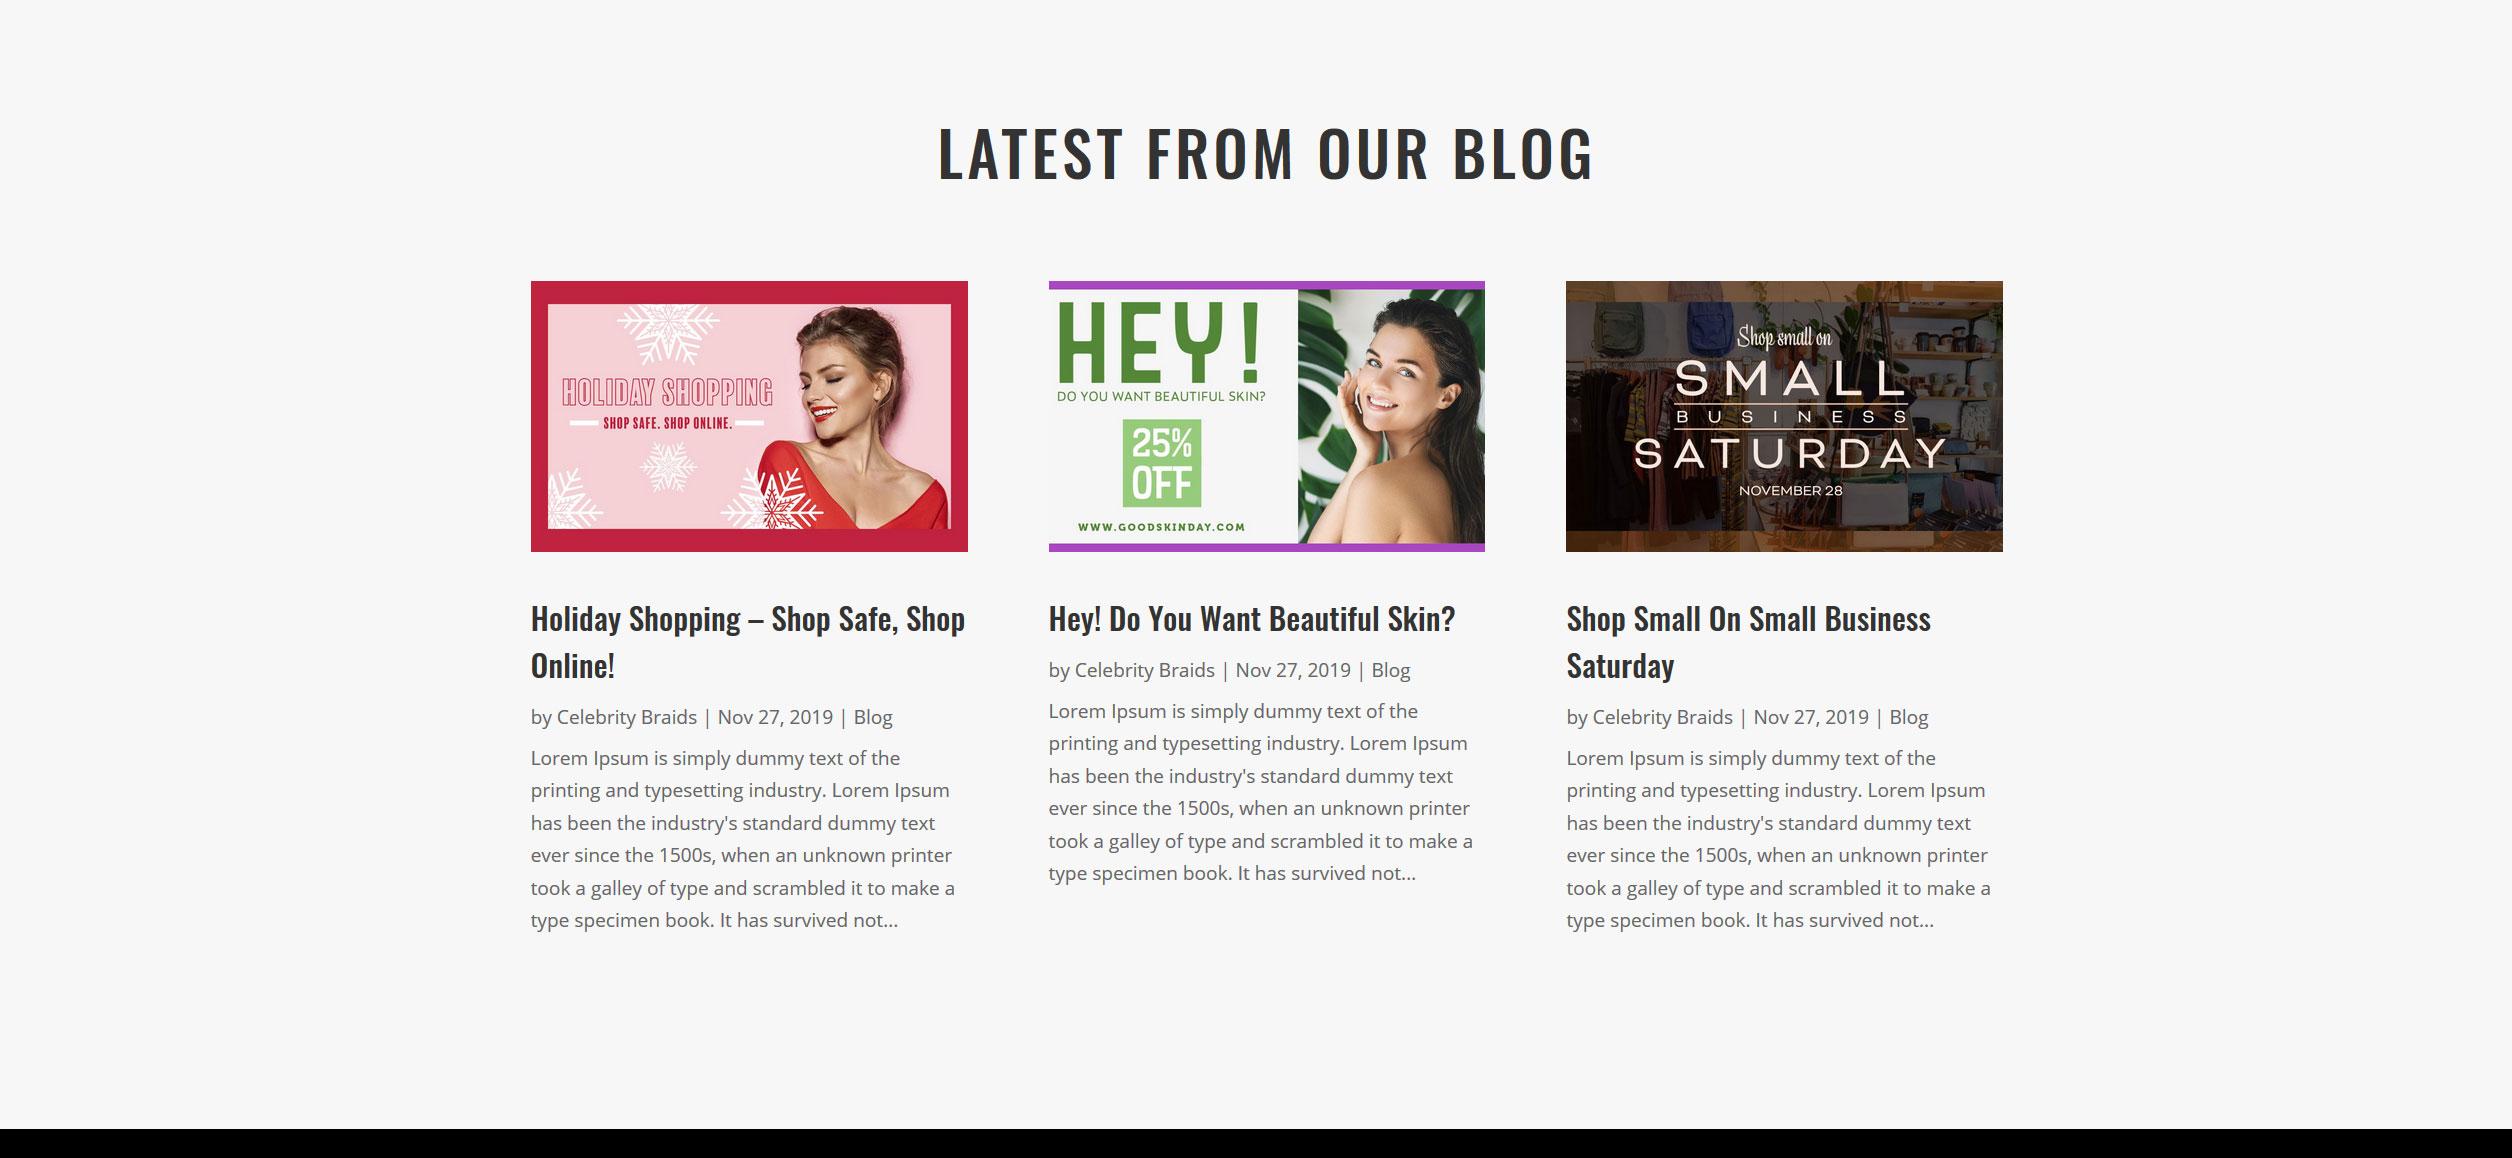 Website for Hair Braiding v1 - Blog Posts